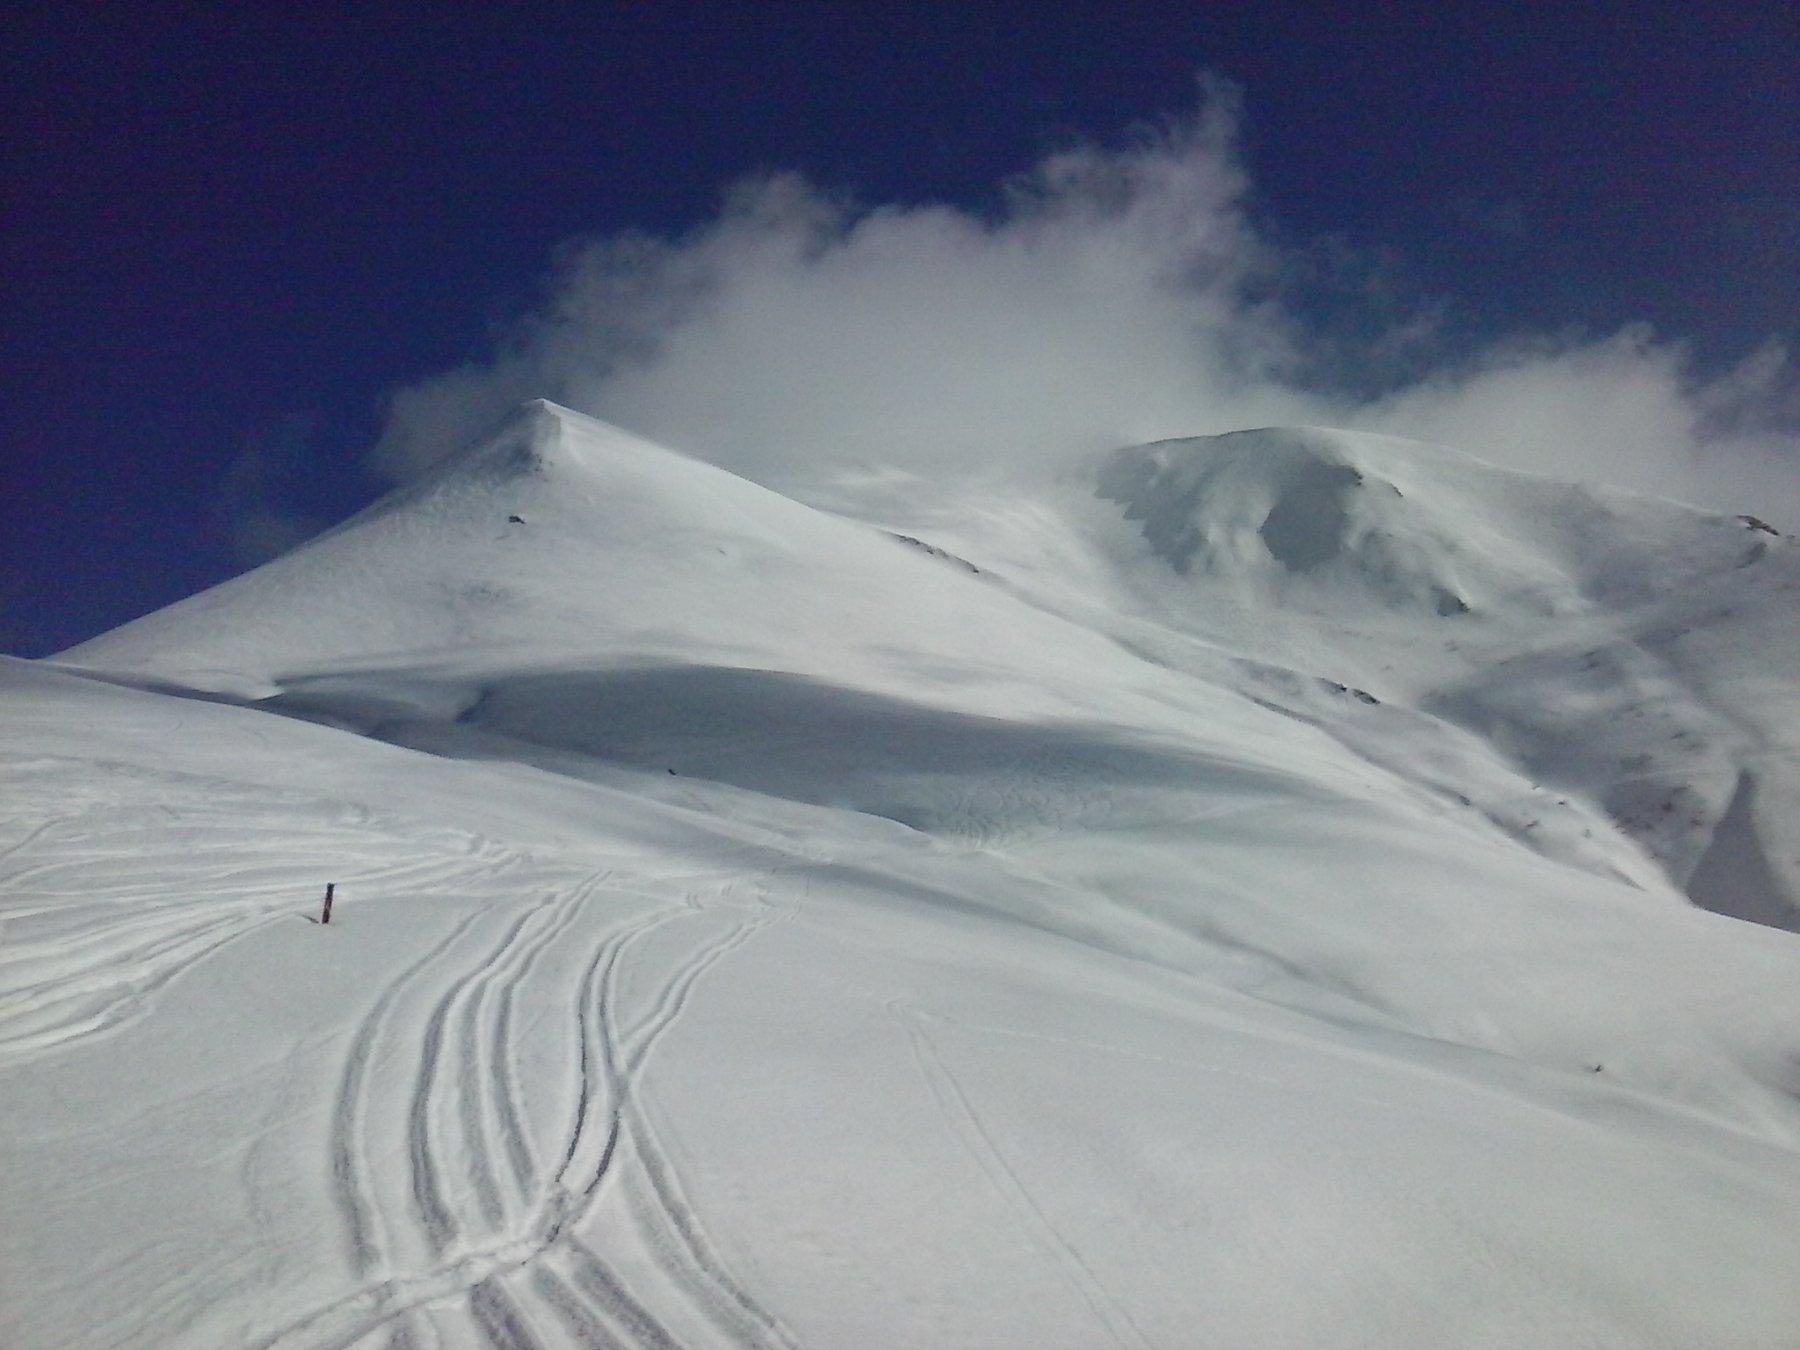 Mondolè (Monte) da Artesina per la Colla Bauzano 2017-02-25